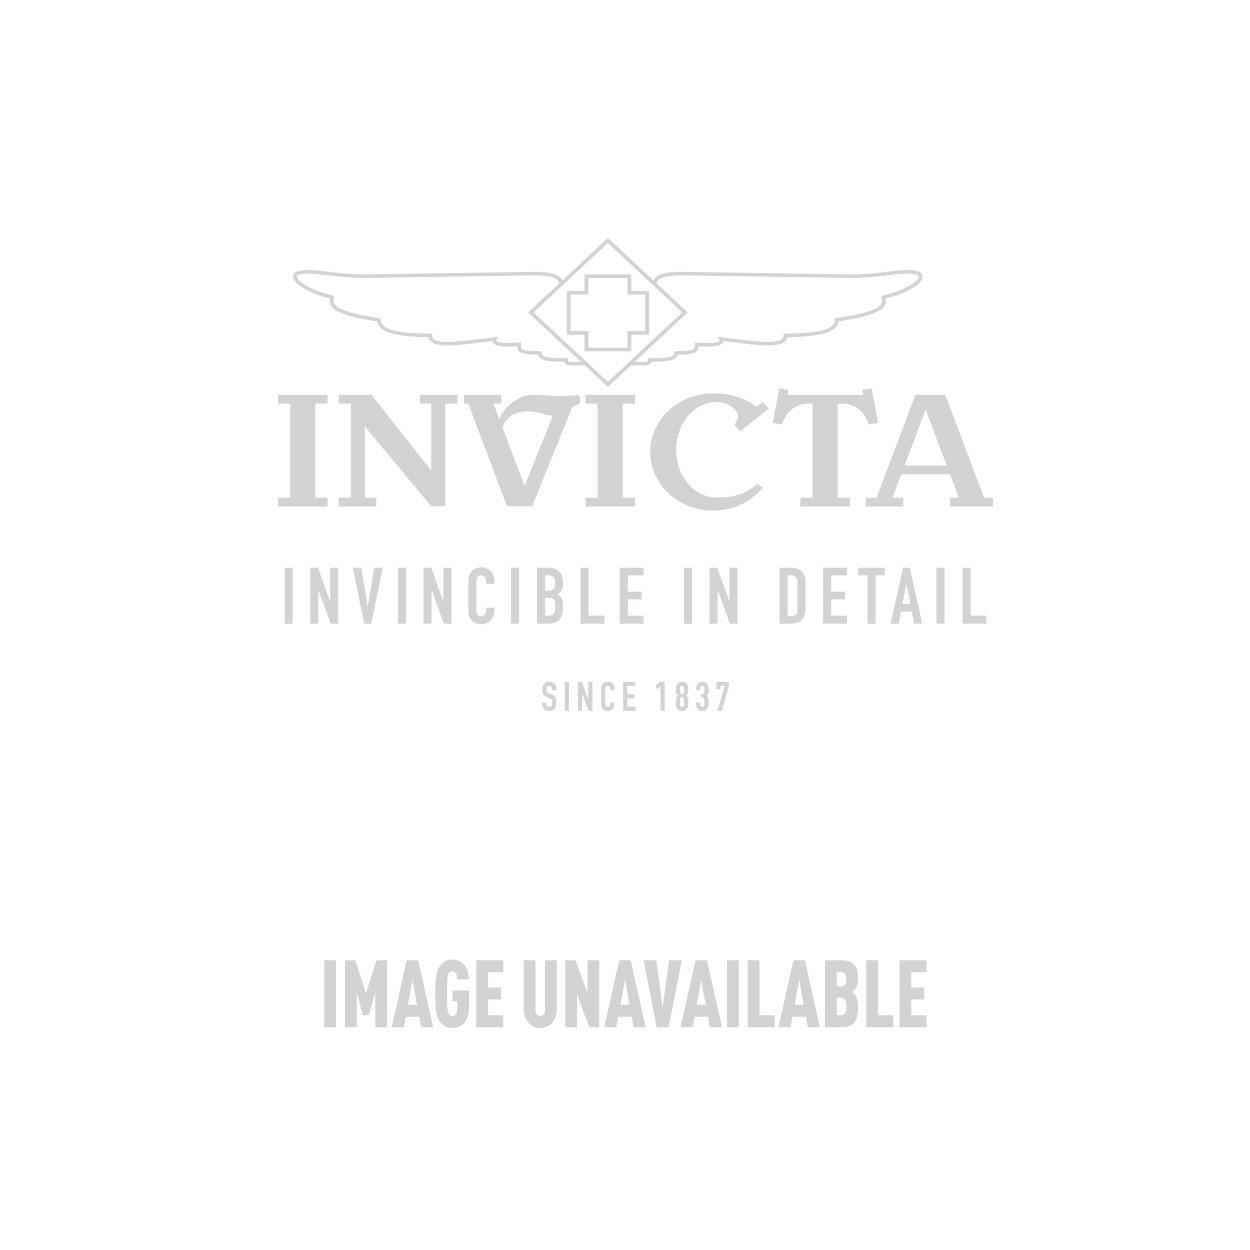 Invicta Model 25341